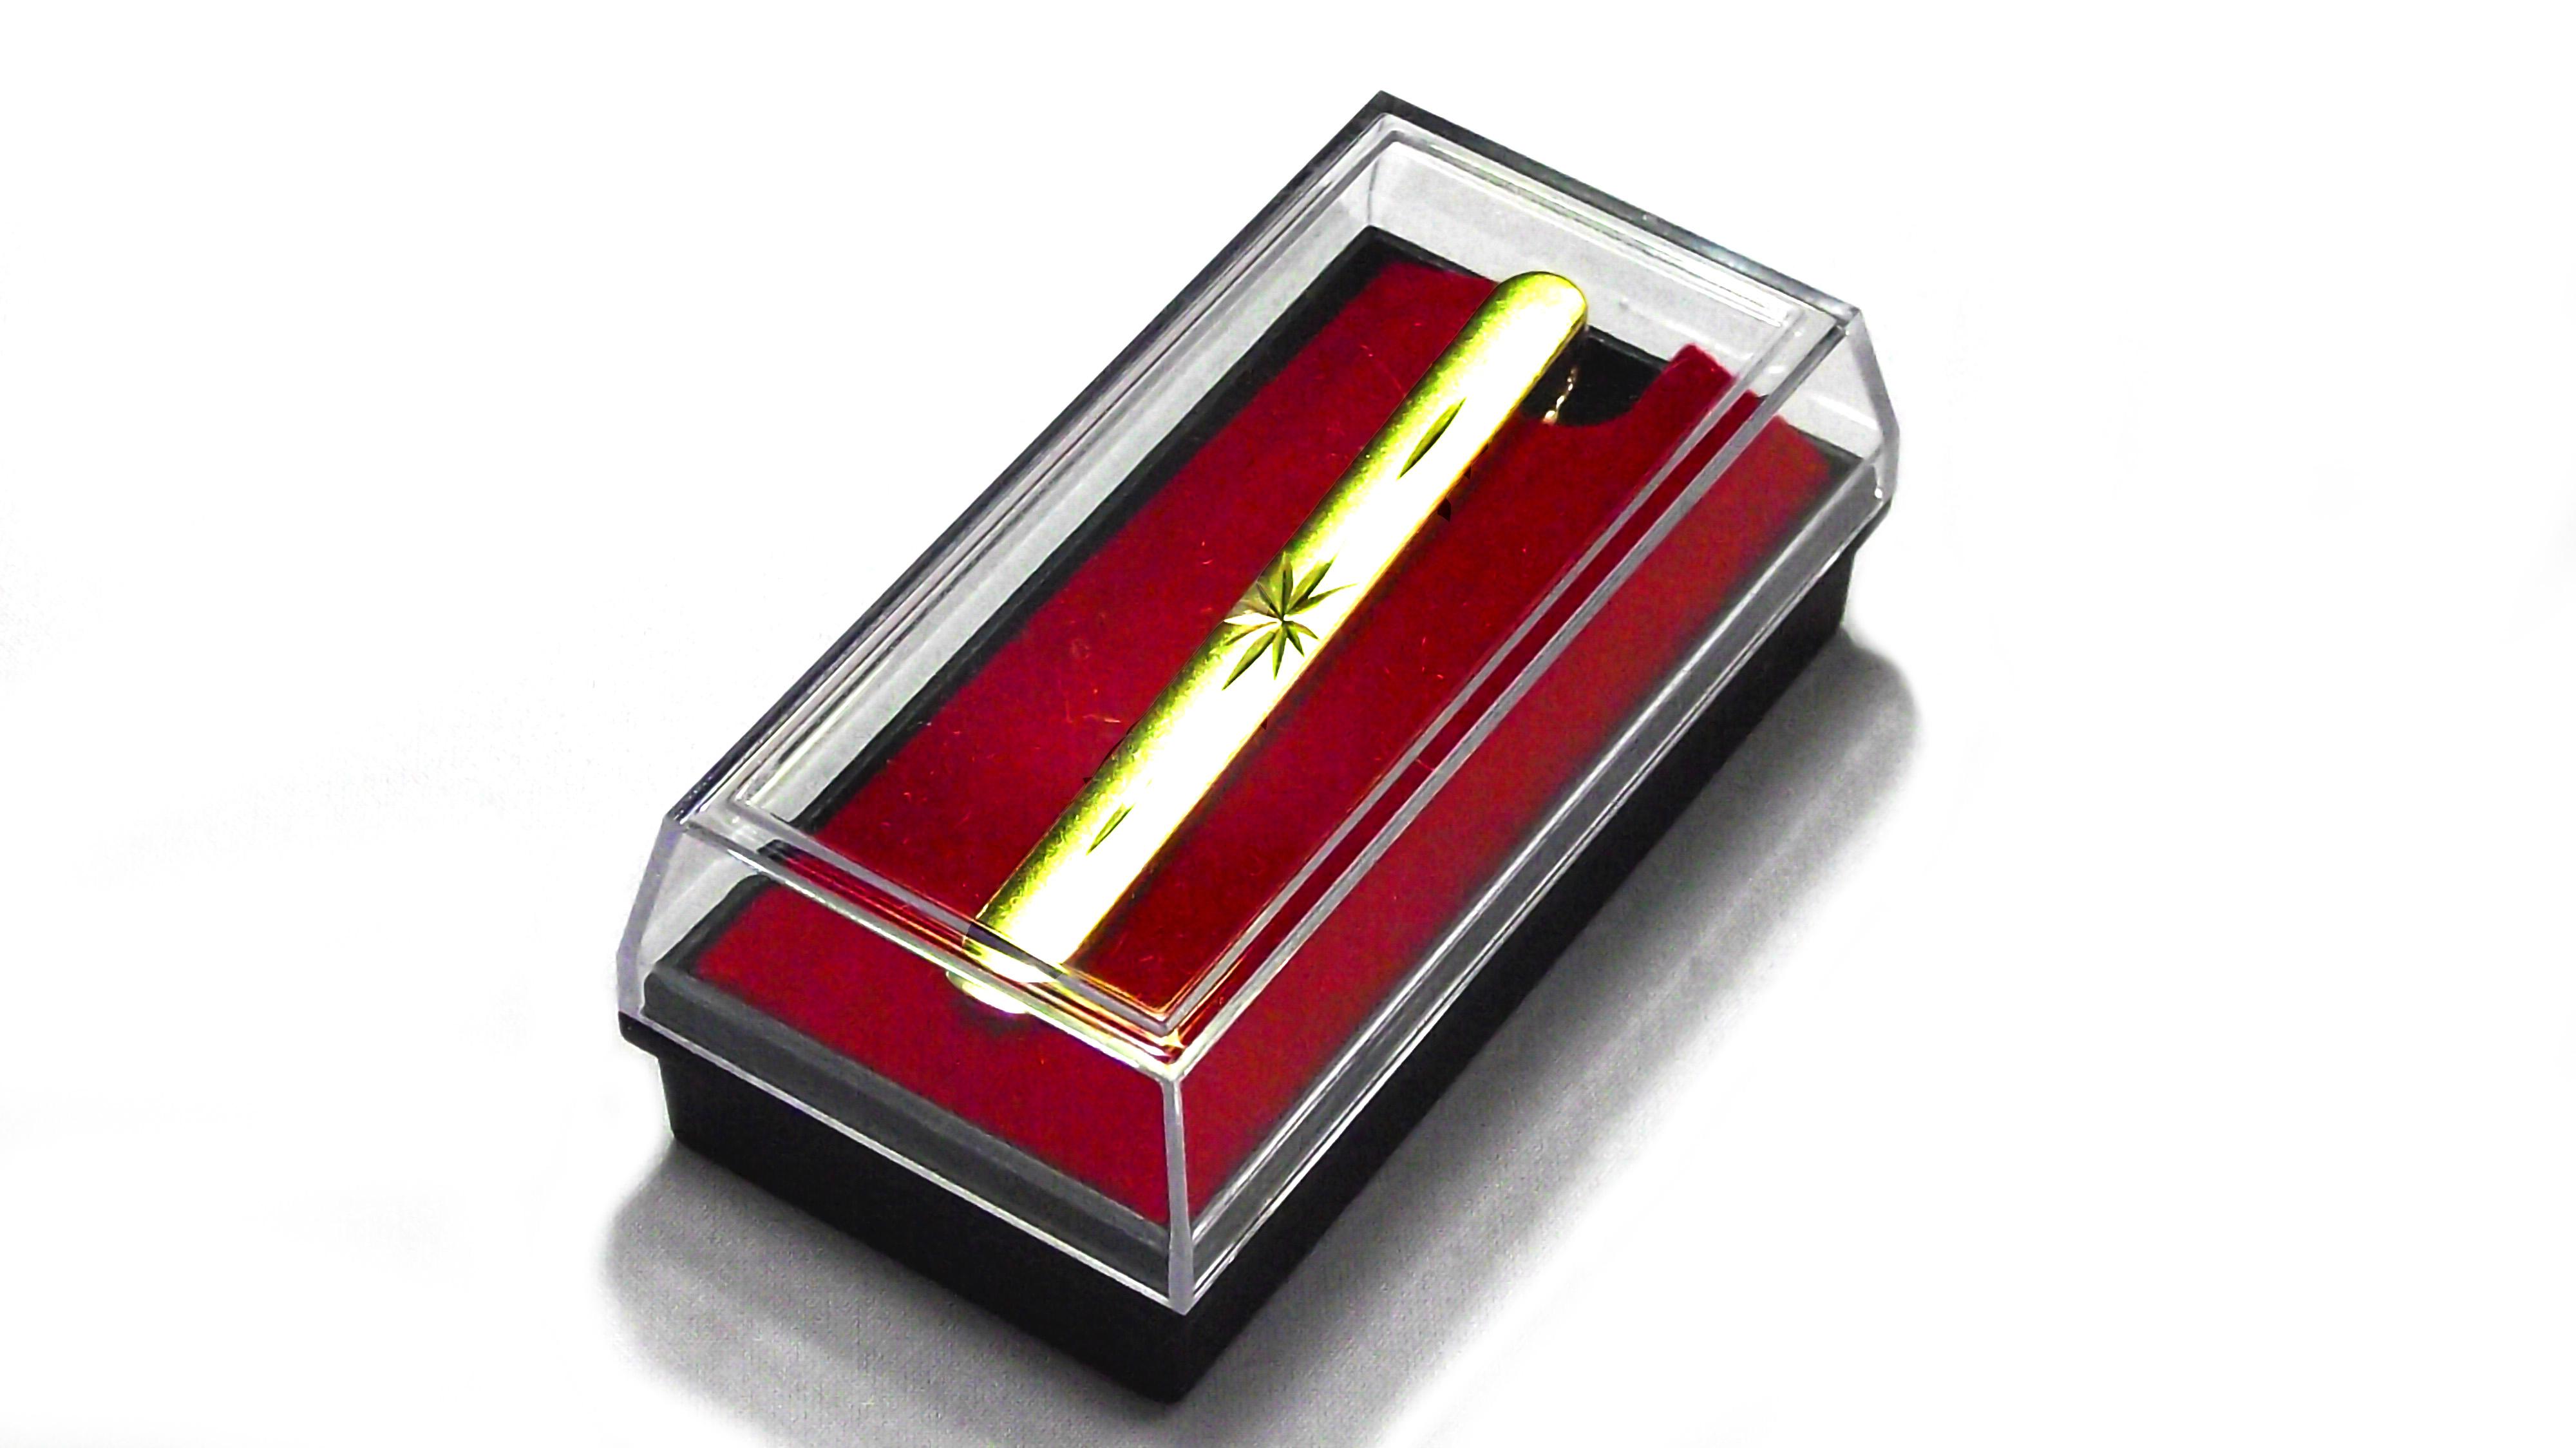 K250-21精緻盒裝